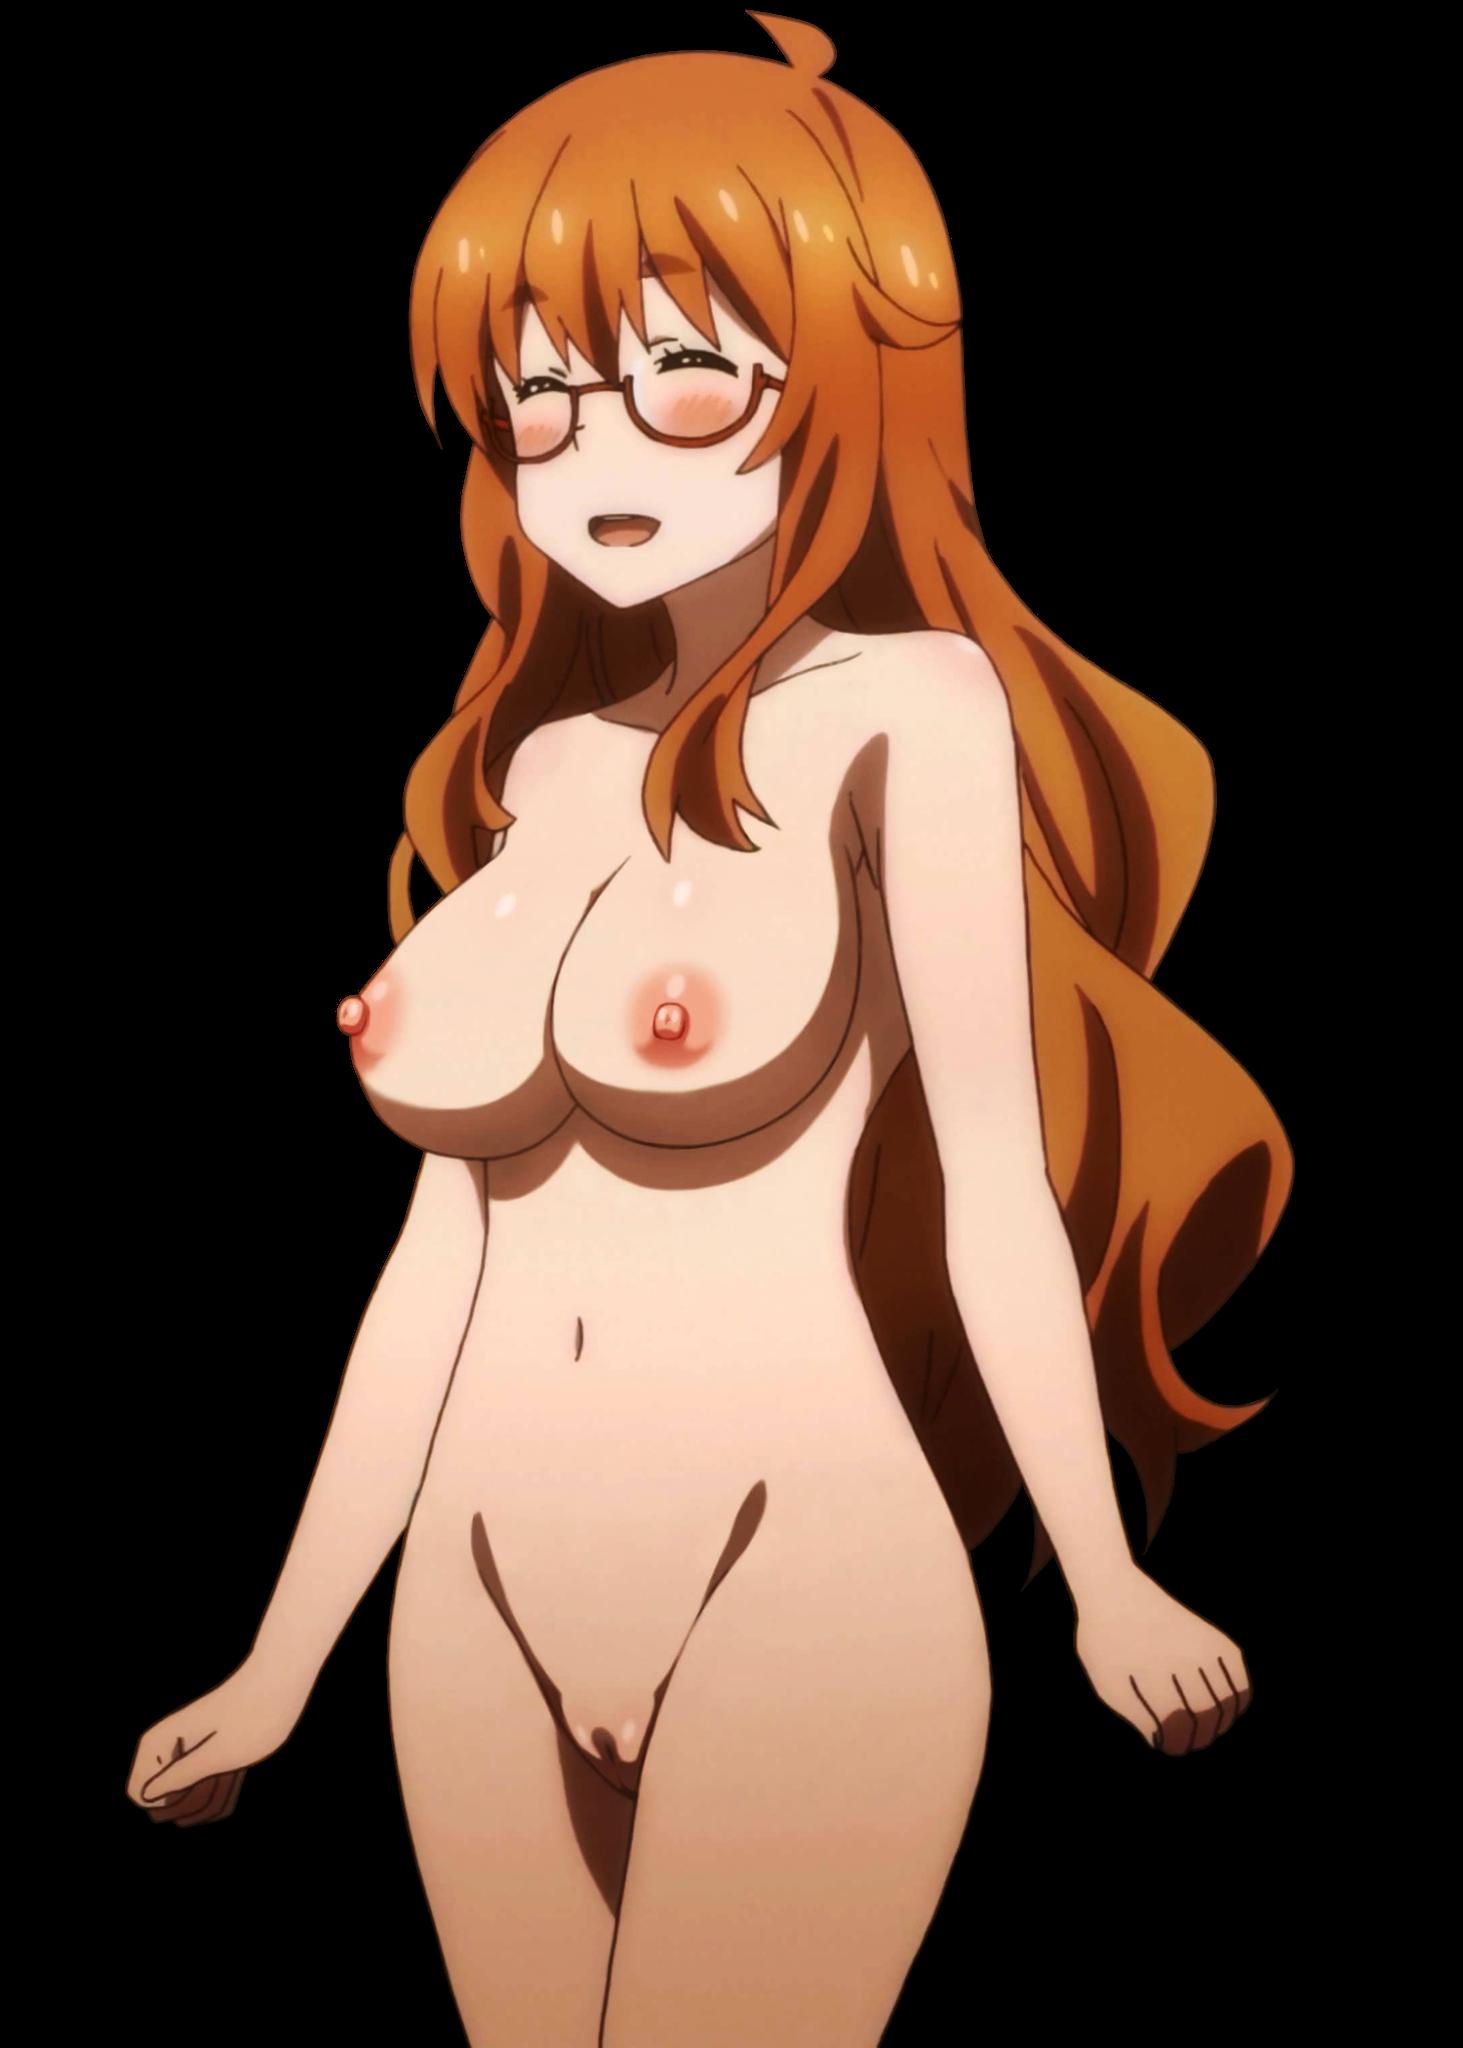 Konobi - Tachibana Yumeko